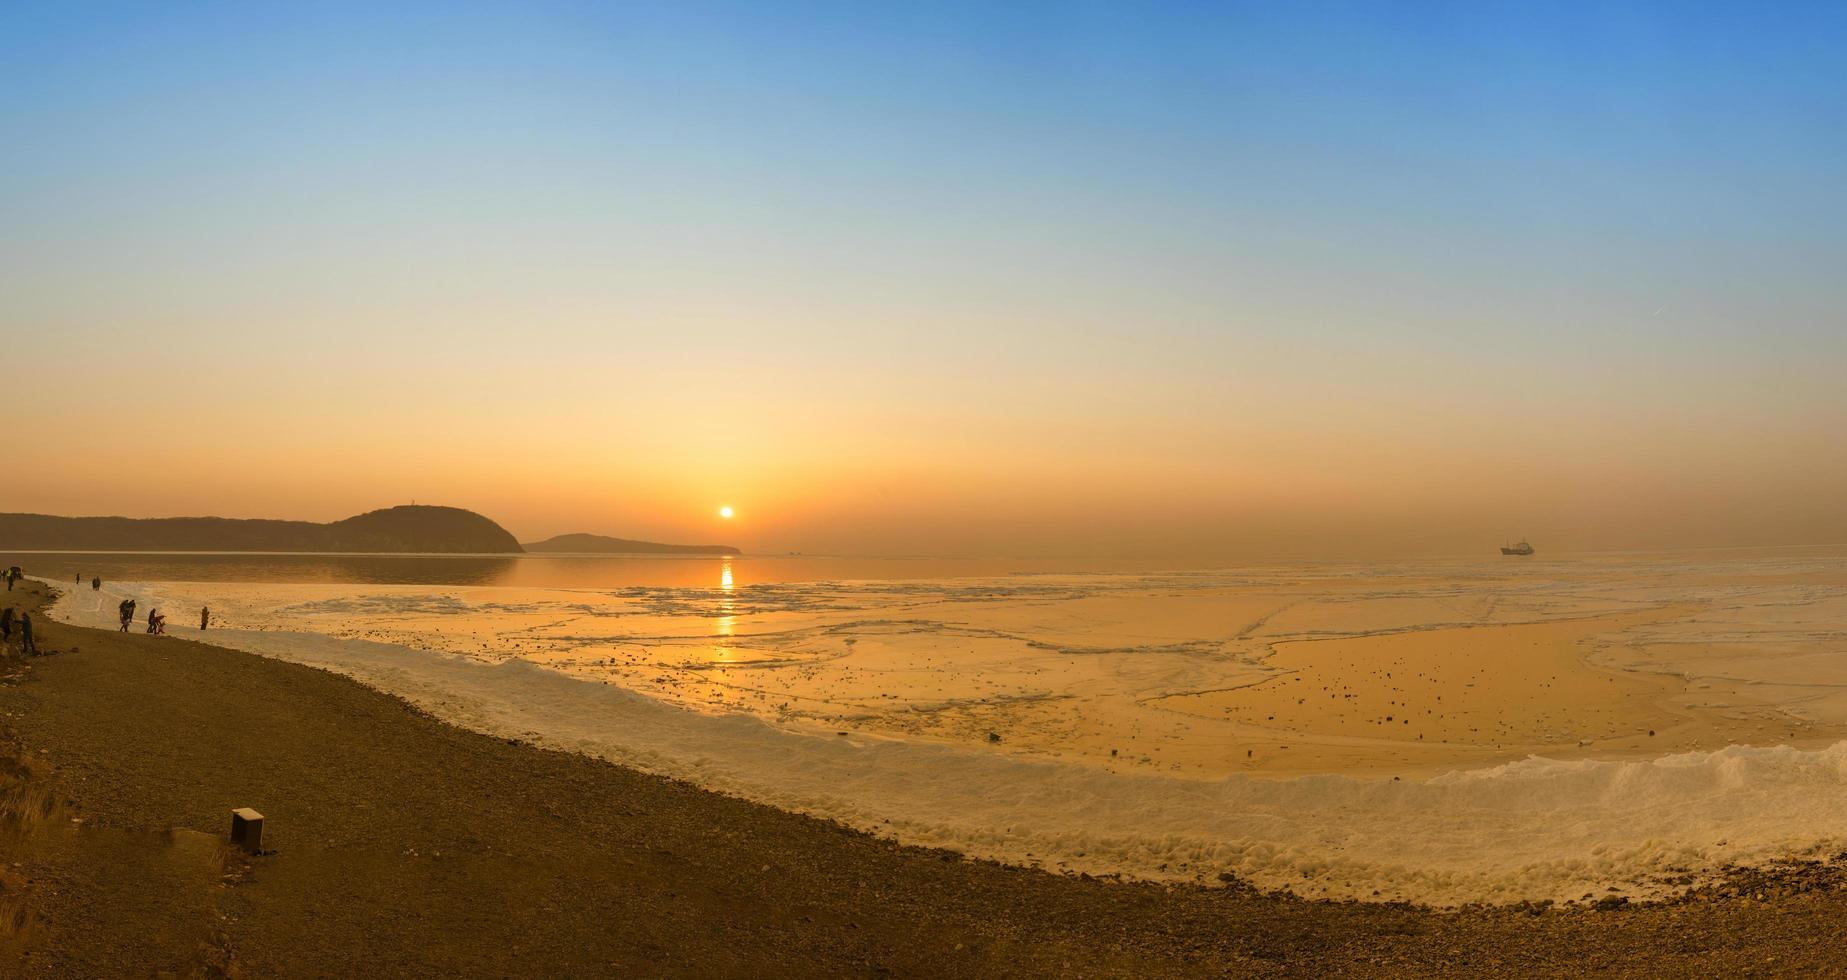 gens sur une plage avec coucher de soleil coloré photo